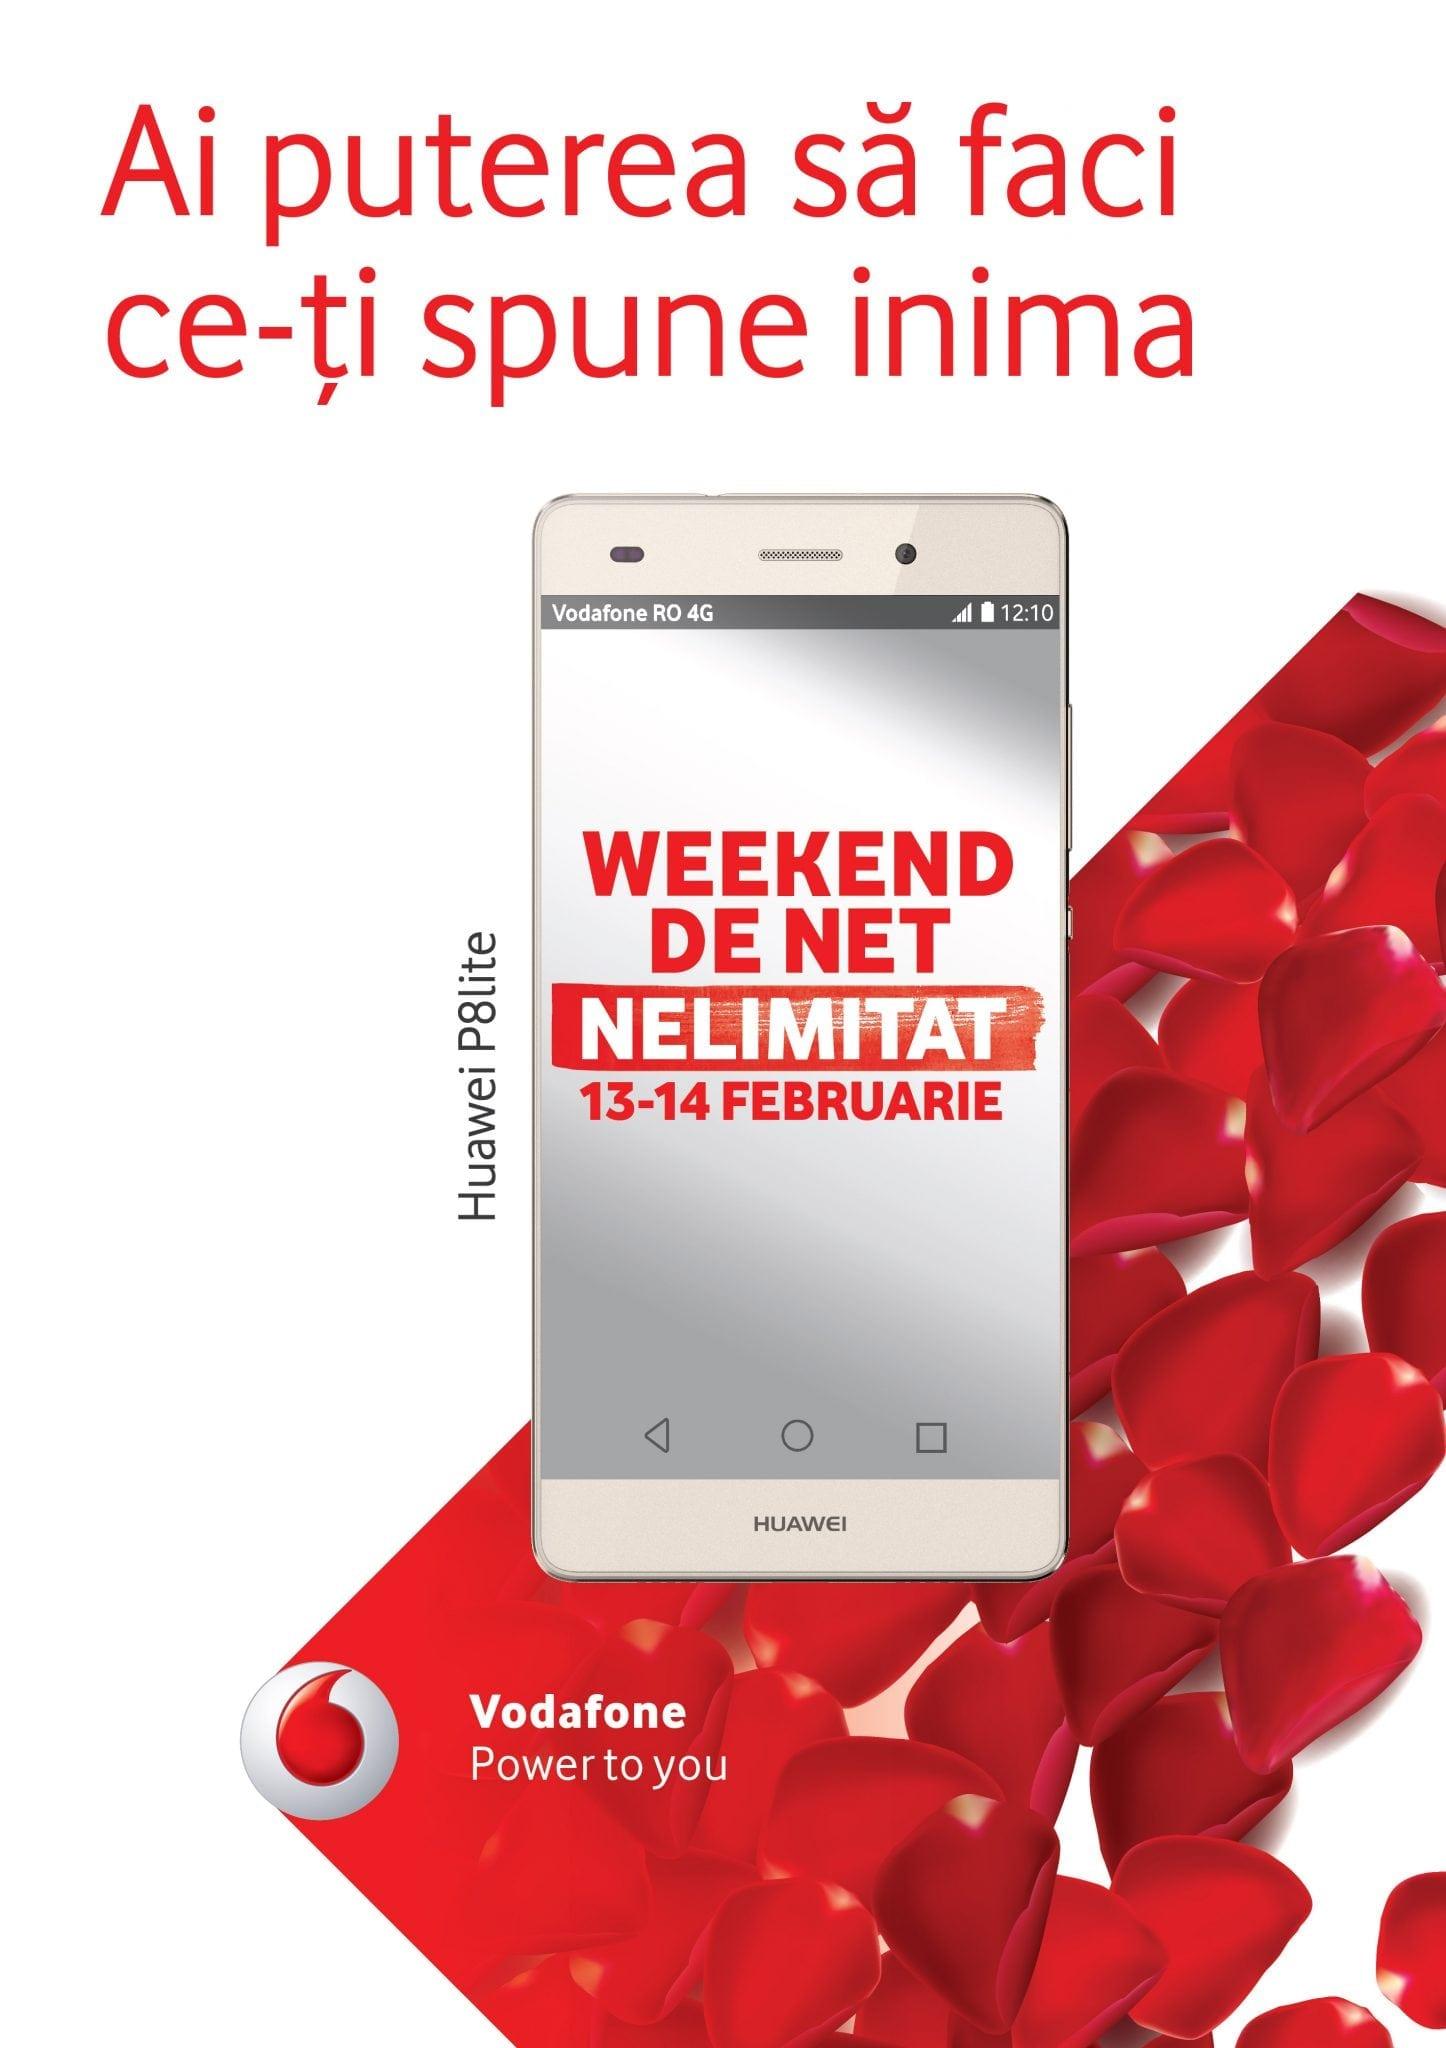 Vodafone oferă internet nelimitat gratuit, în weekend-ul 13 & 14 februarie, pentru toți utilizatorii de telefonie mobilă din România